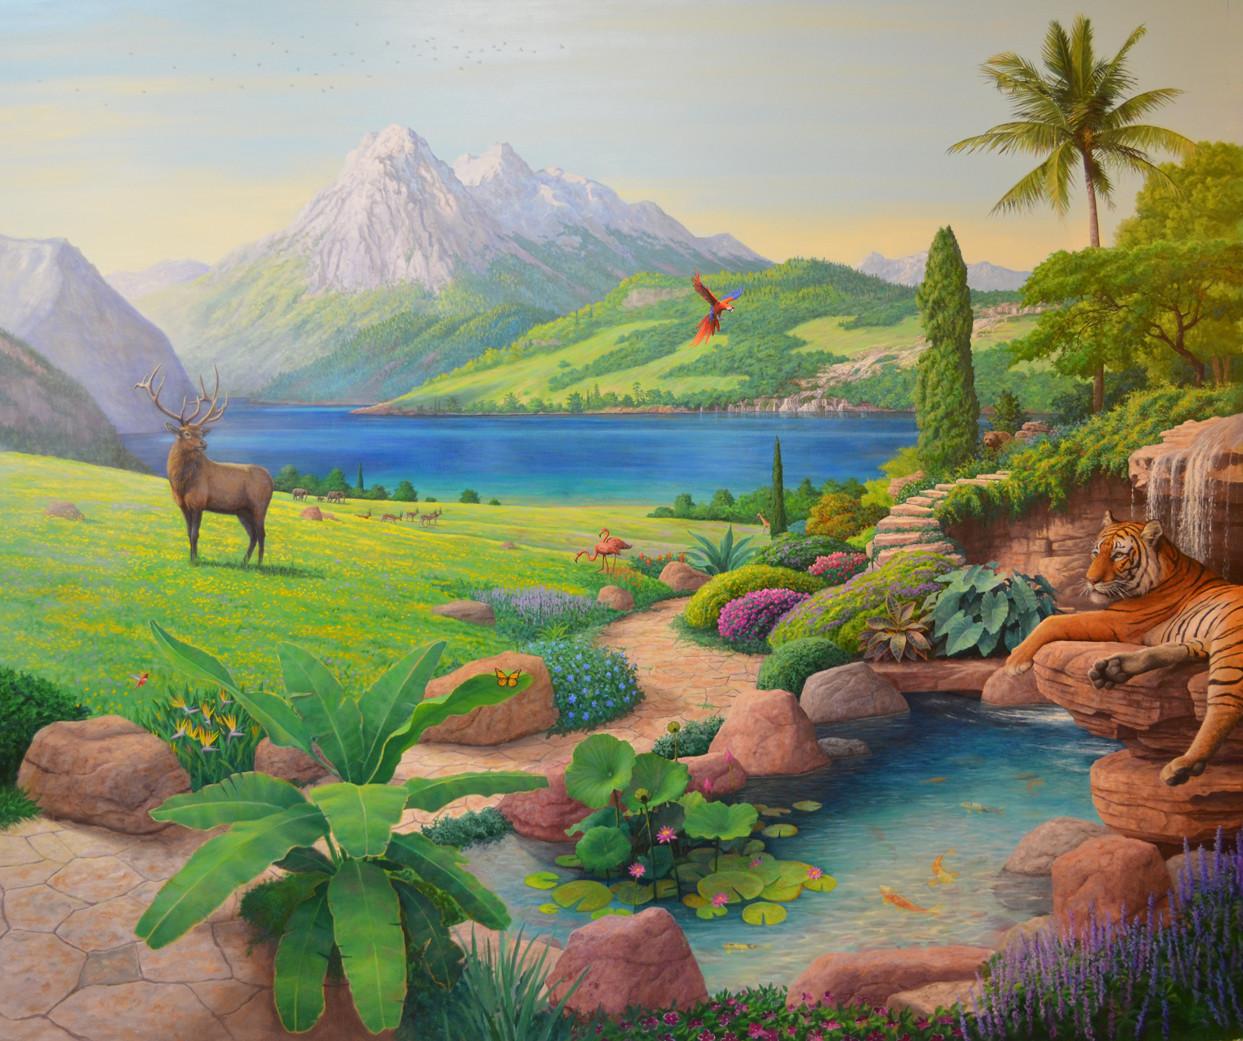 Paradise Landscape